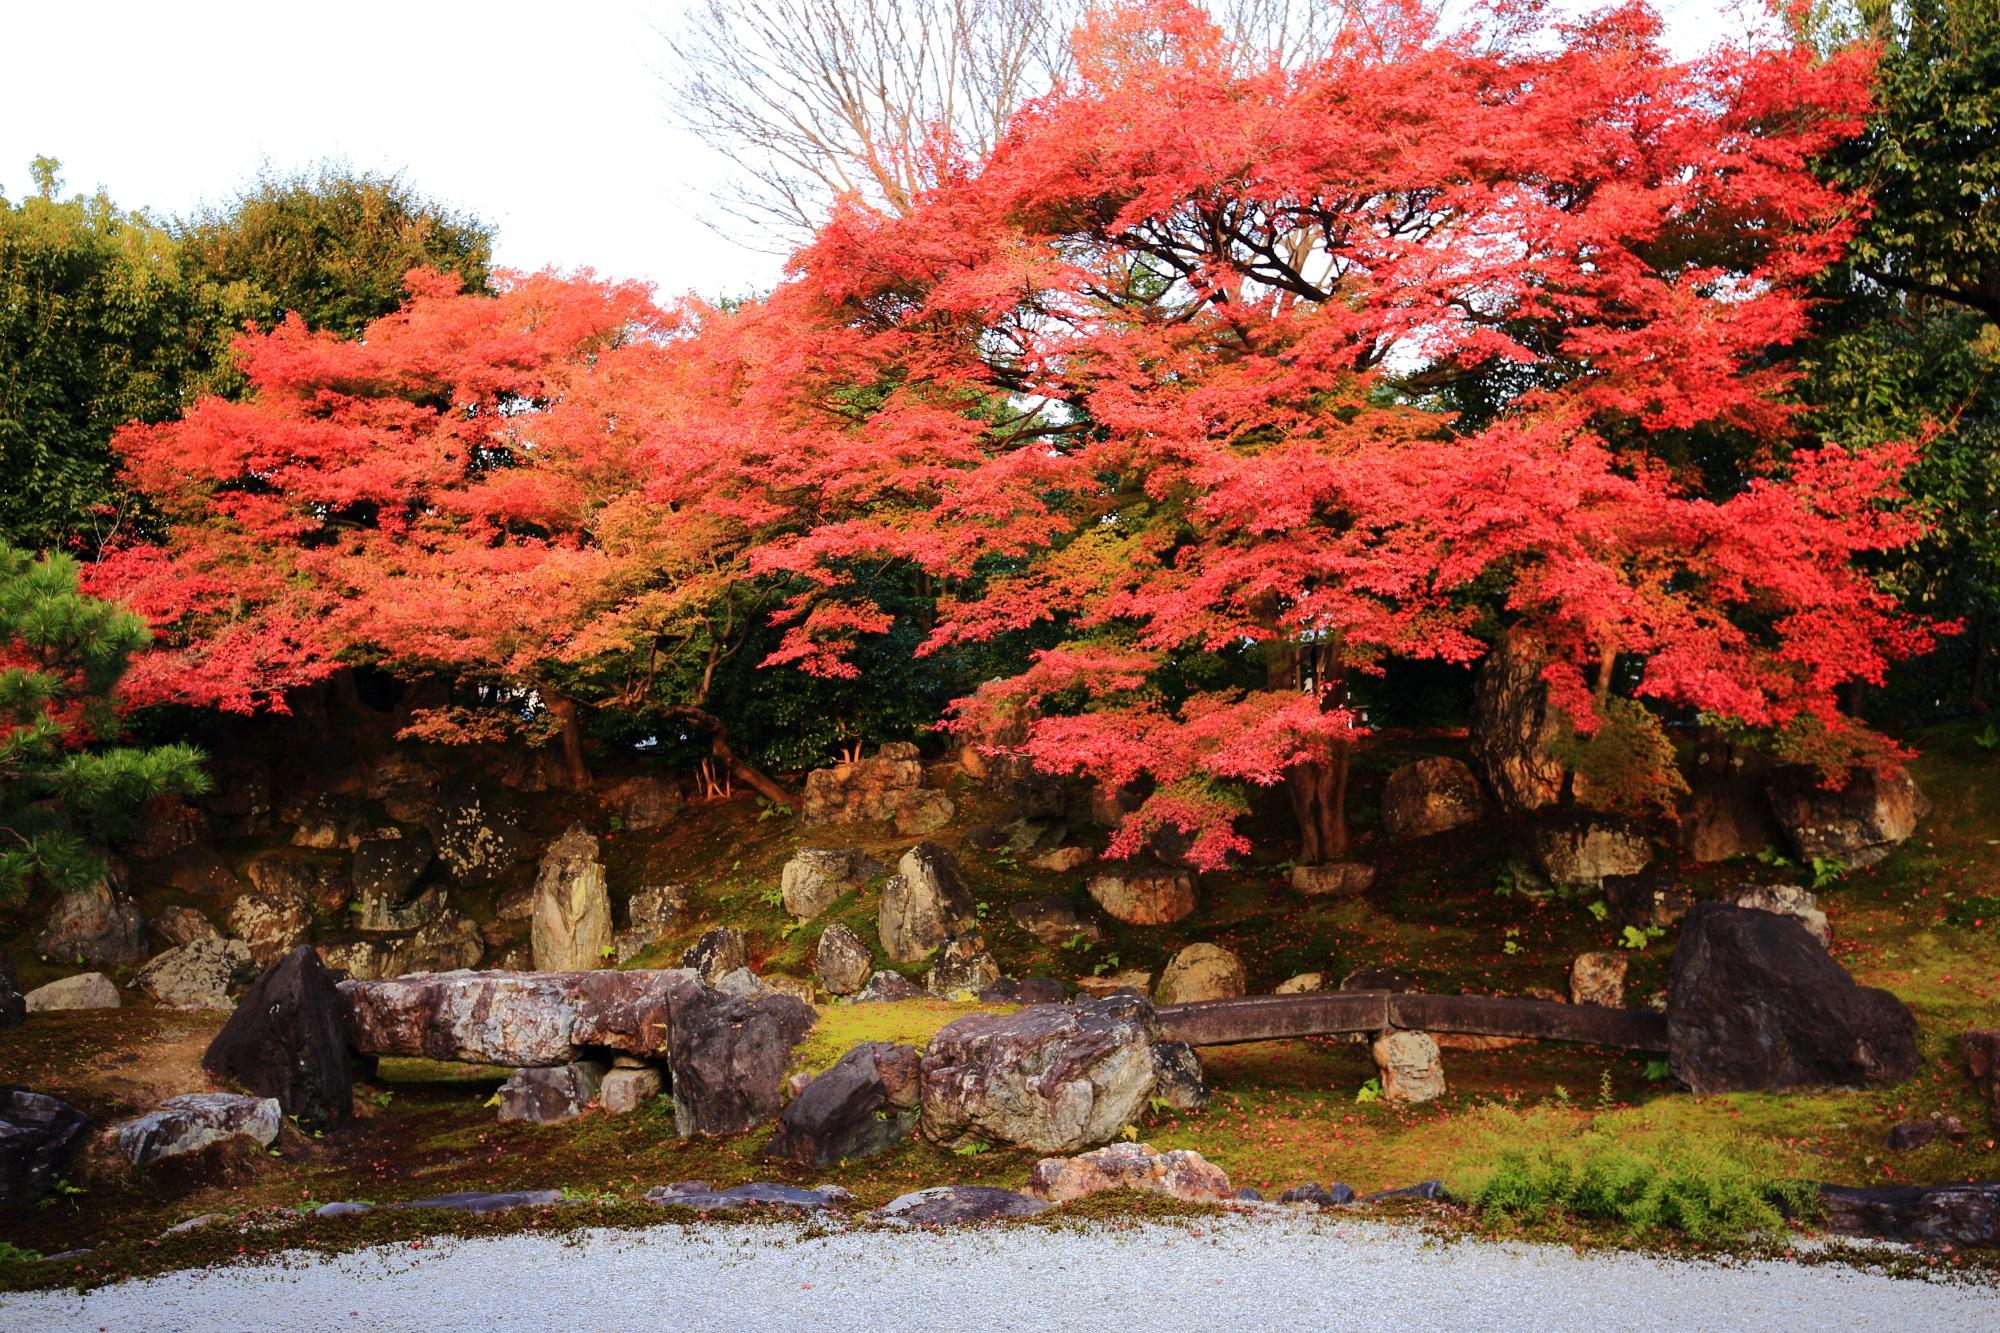 もみじの名所の高台寺塔頭の圓徳院の北庭の見事な赤い紅葉